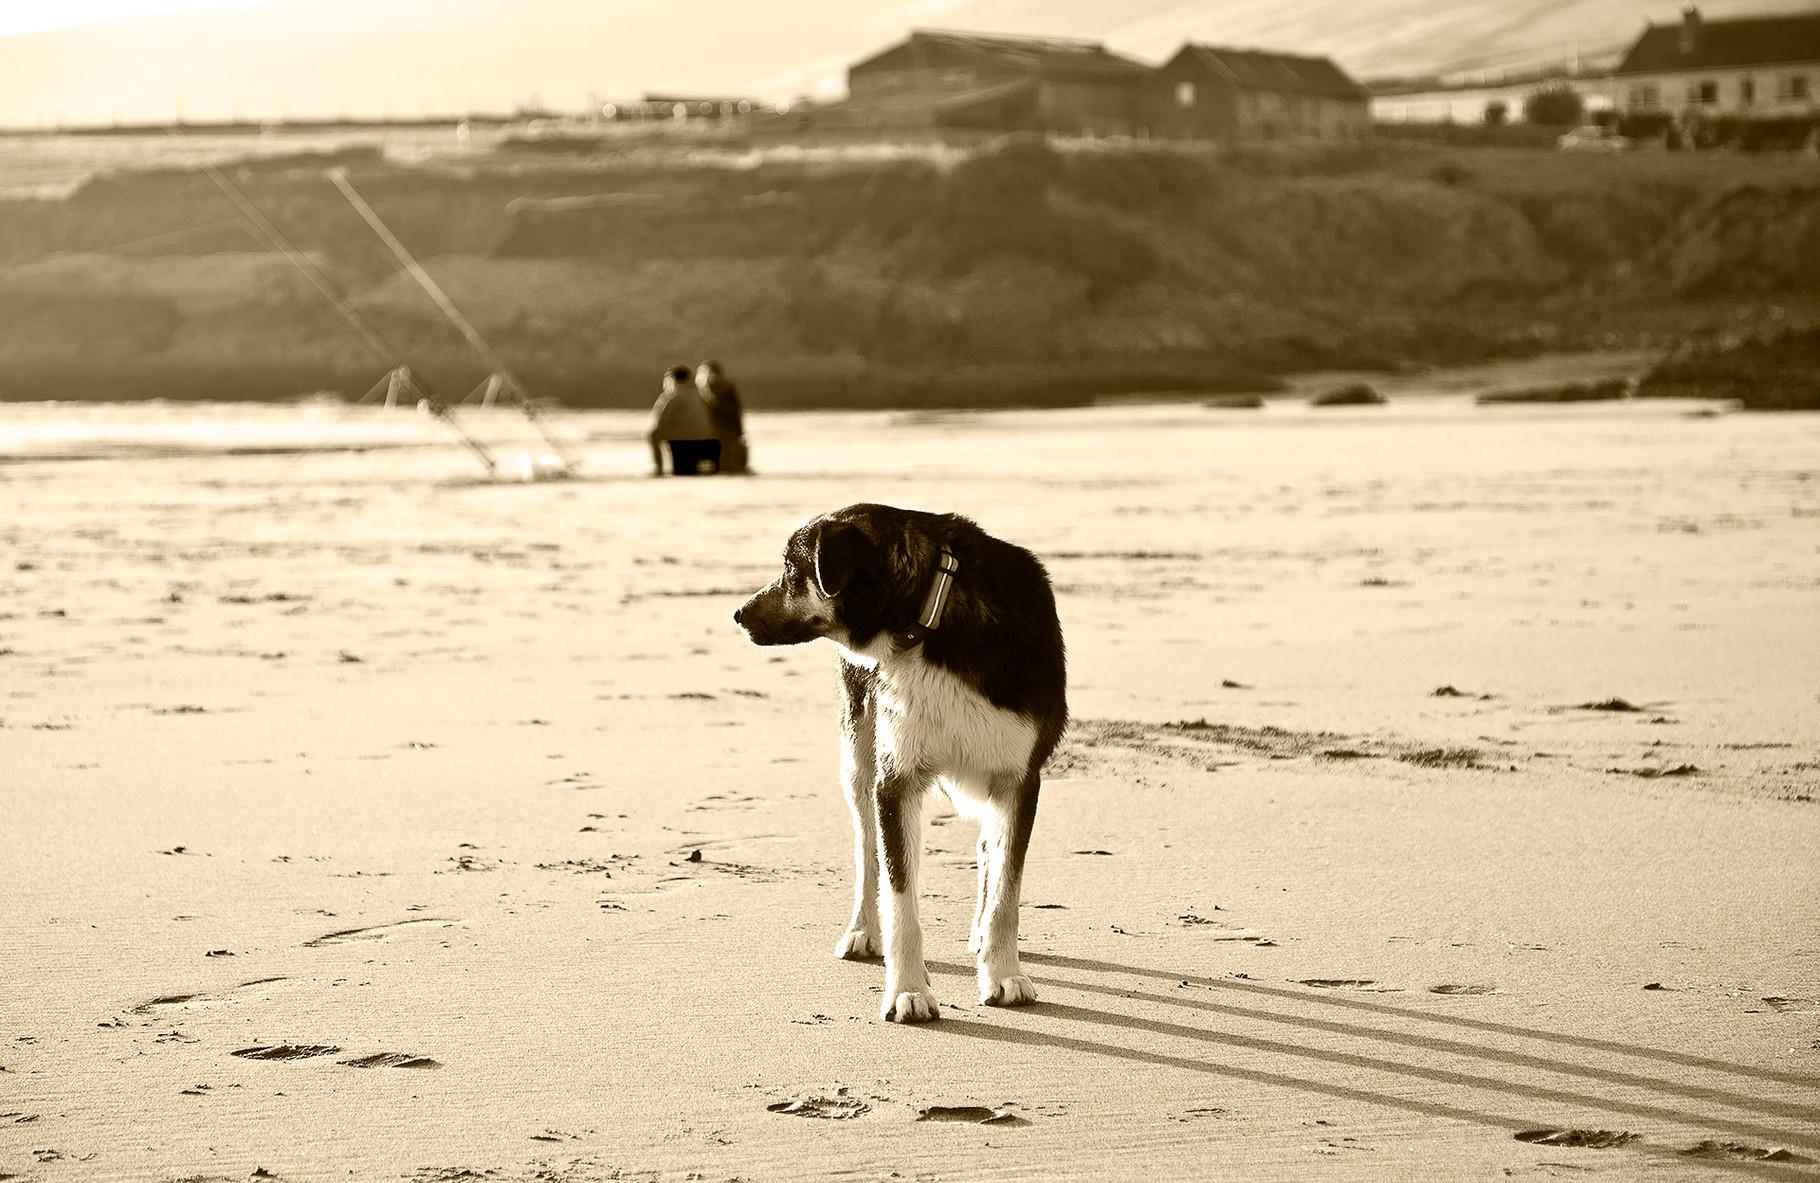 Ringo - Dog at St. Finans bay, Iveragh peninsula, County Kerry